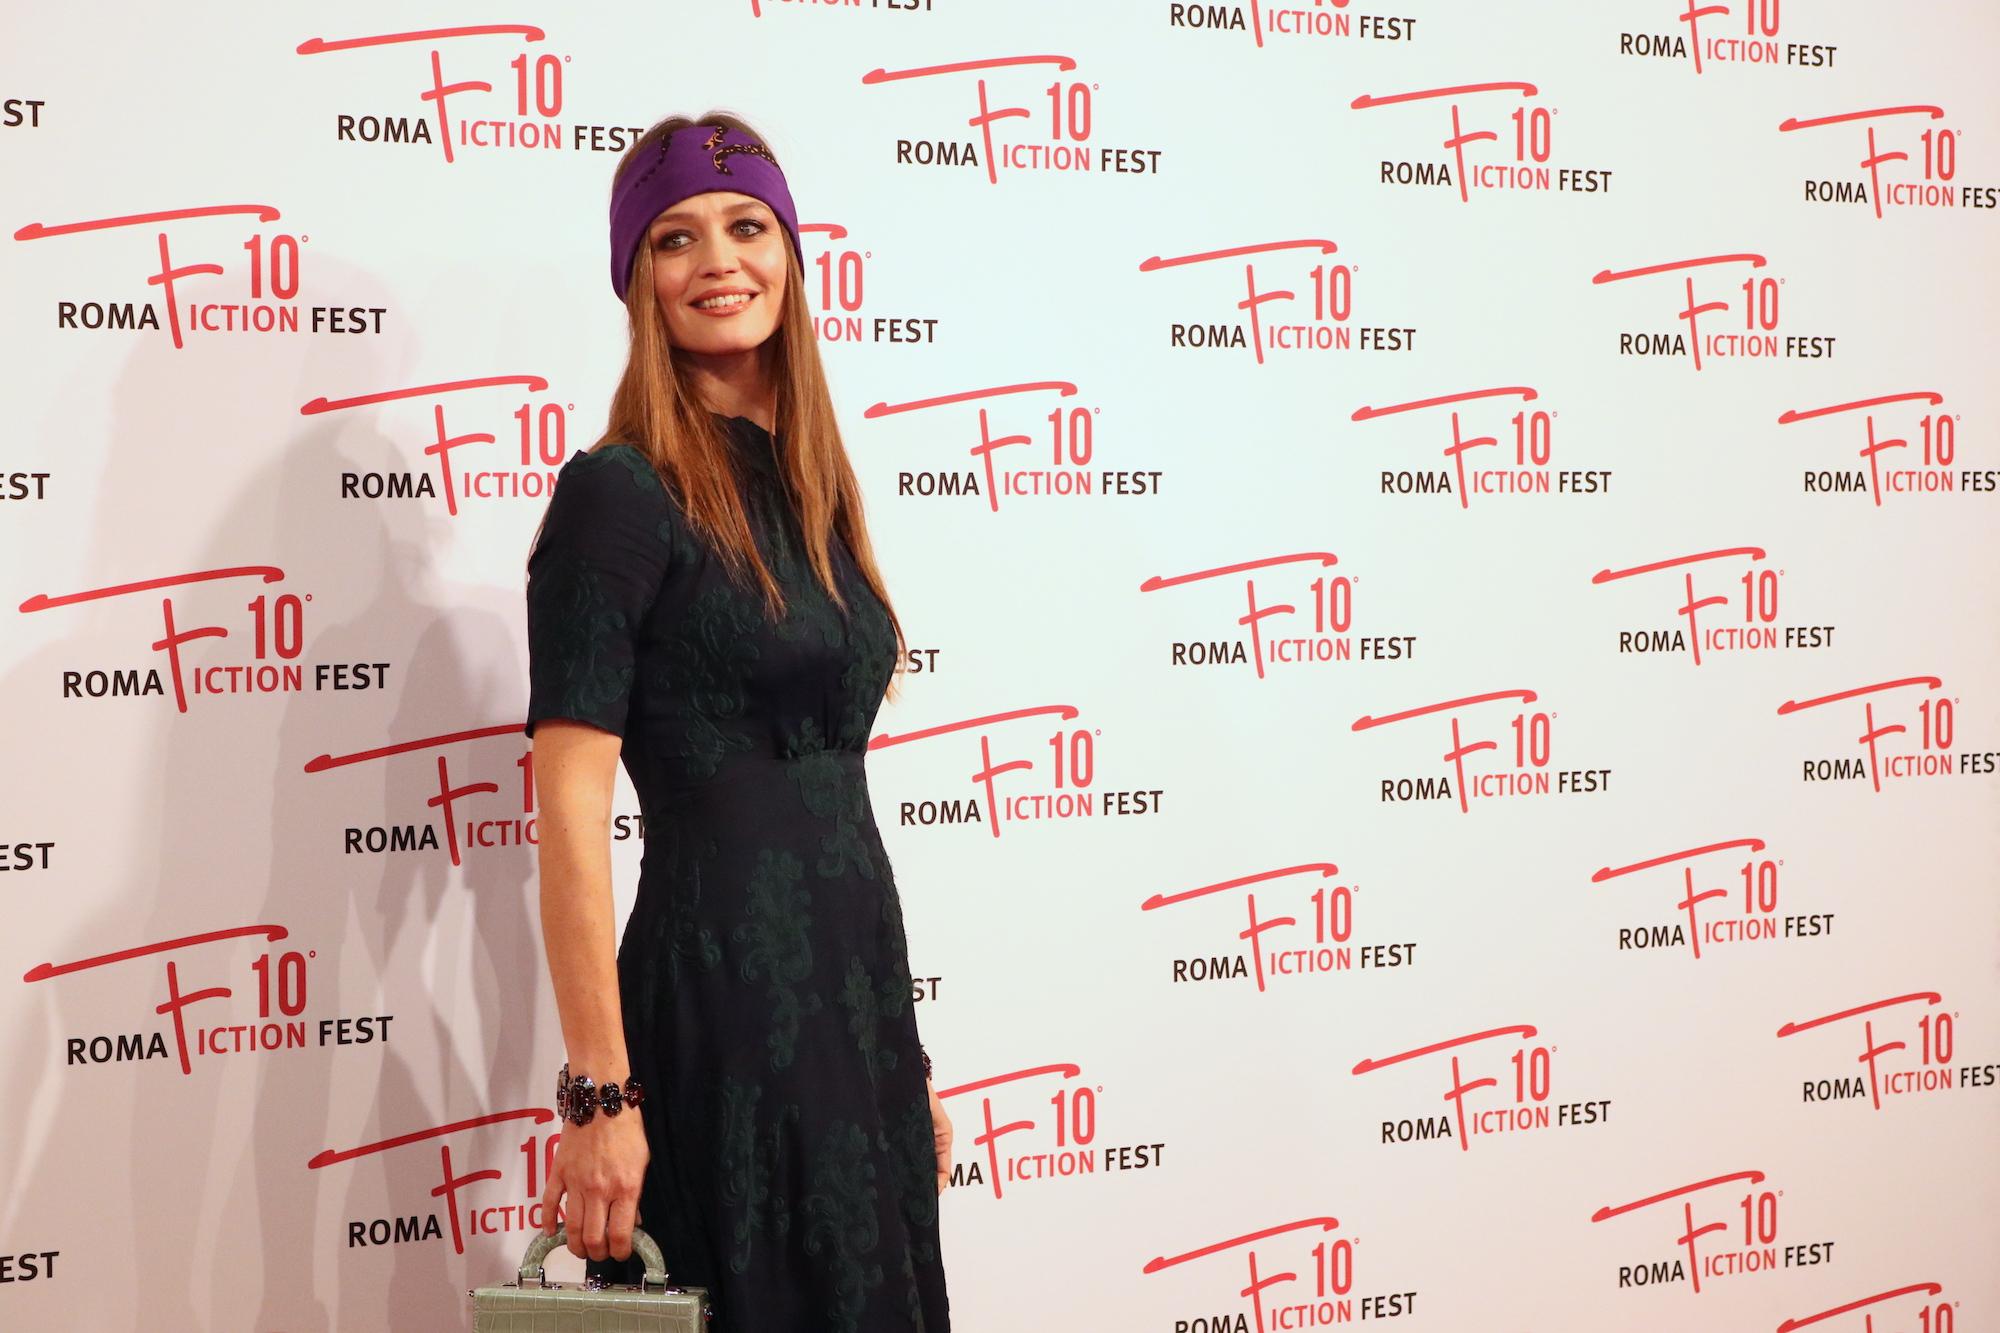 Roma Fiction Fest 2016: Francesca Cavallin sul red carpet di Di padre in figlia